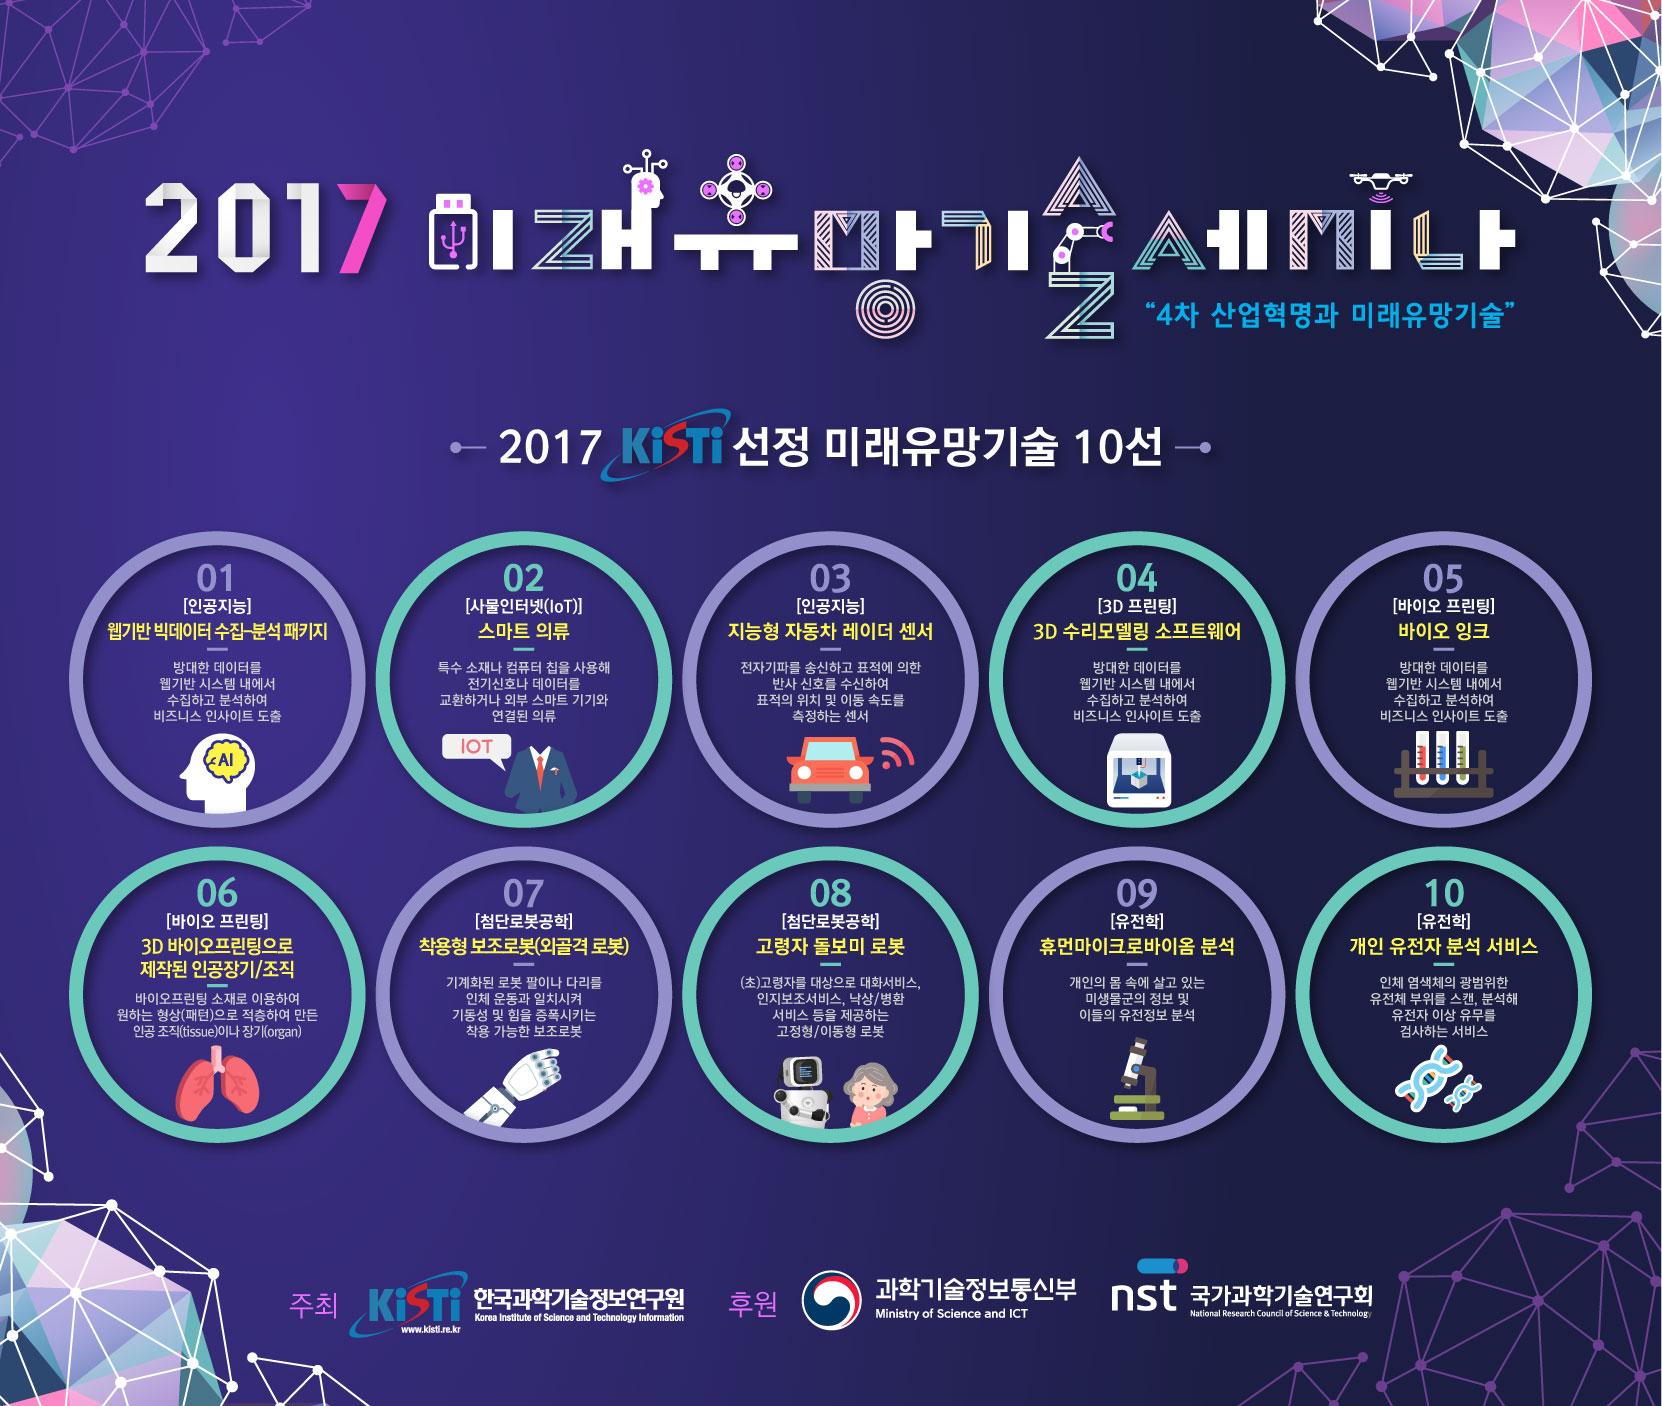 2017 미래유망기술세미나 자세한 내용은 본문 참조